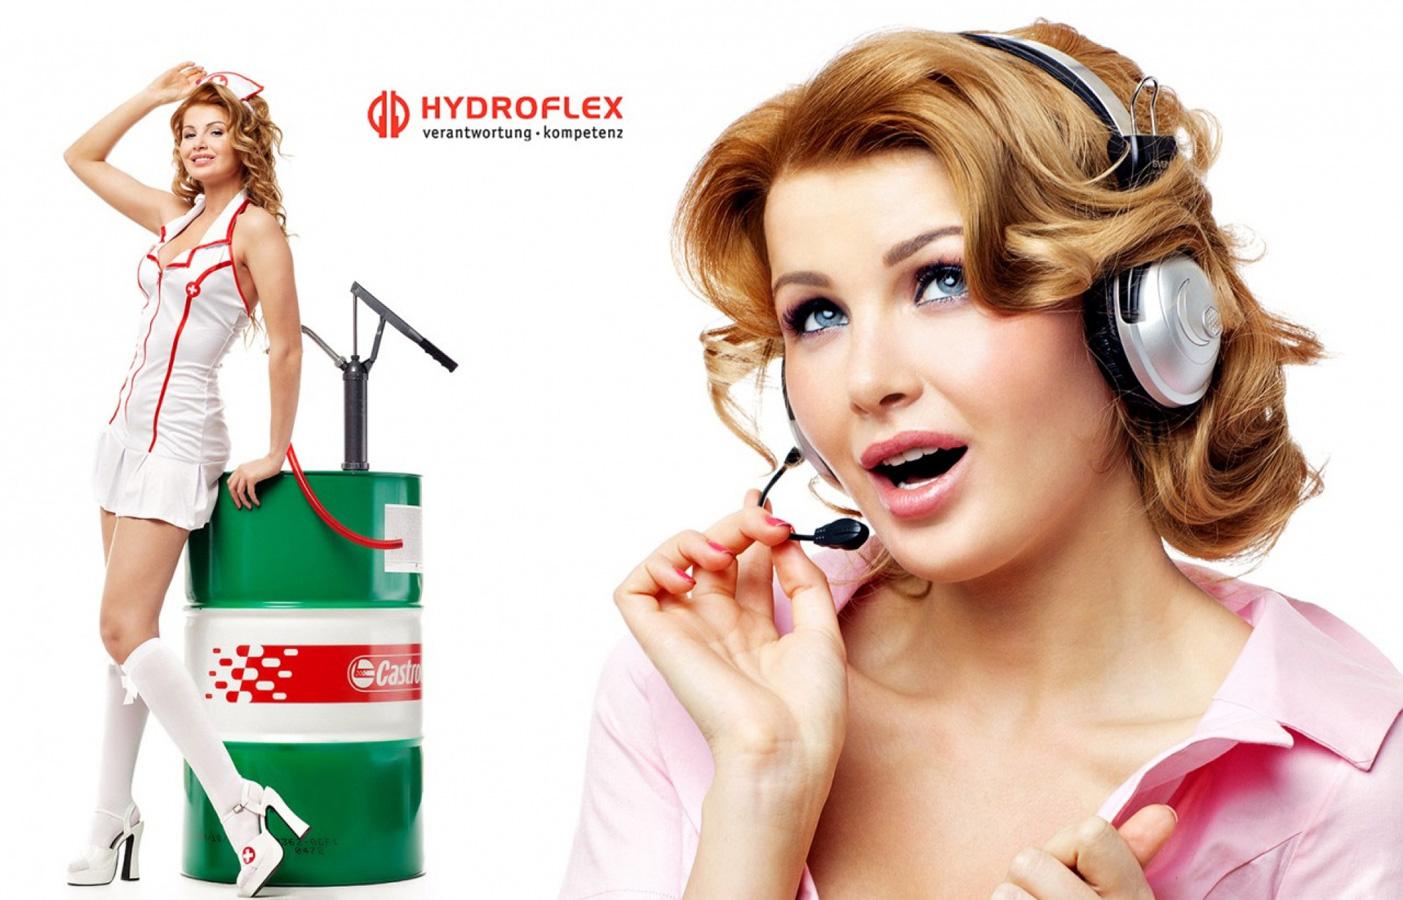 Hydroflex. Рекламная съемка, фотограф Лена Волкова